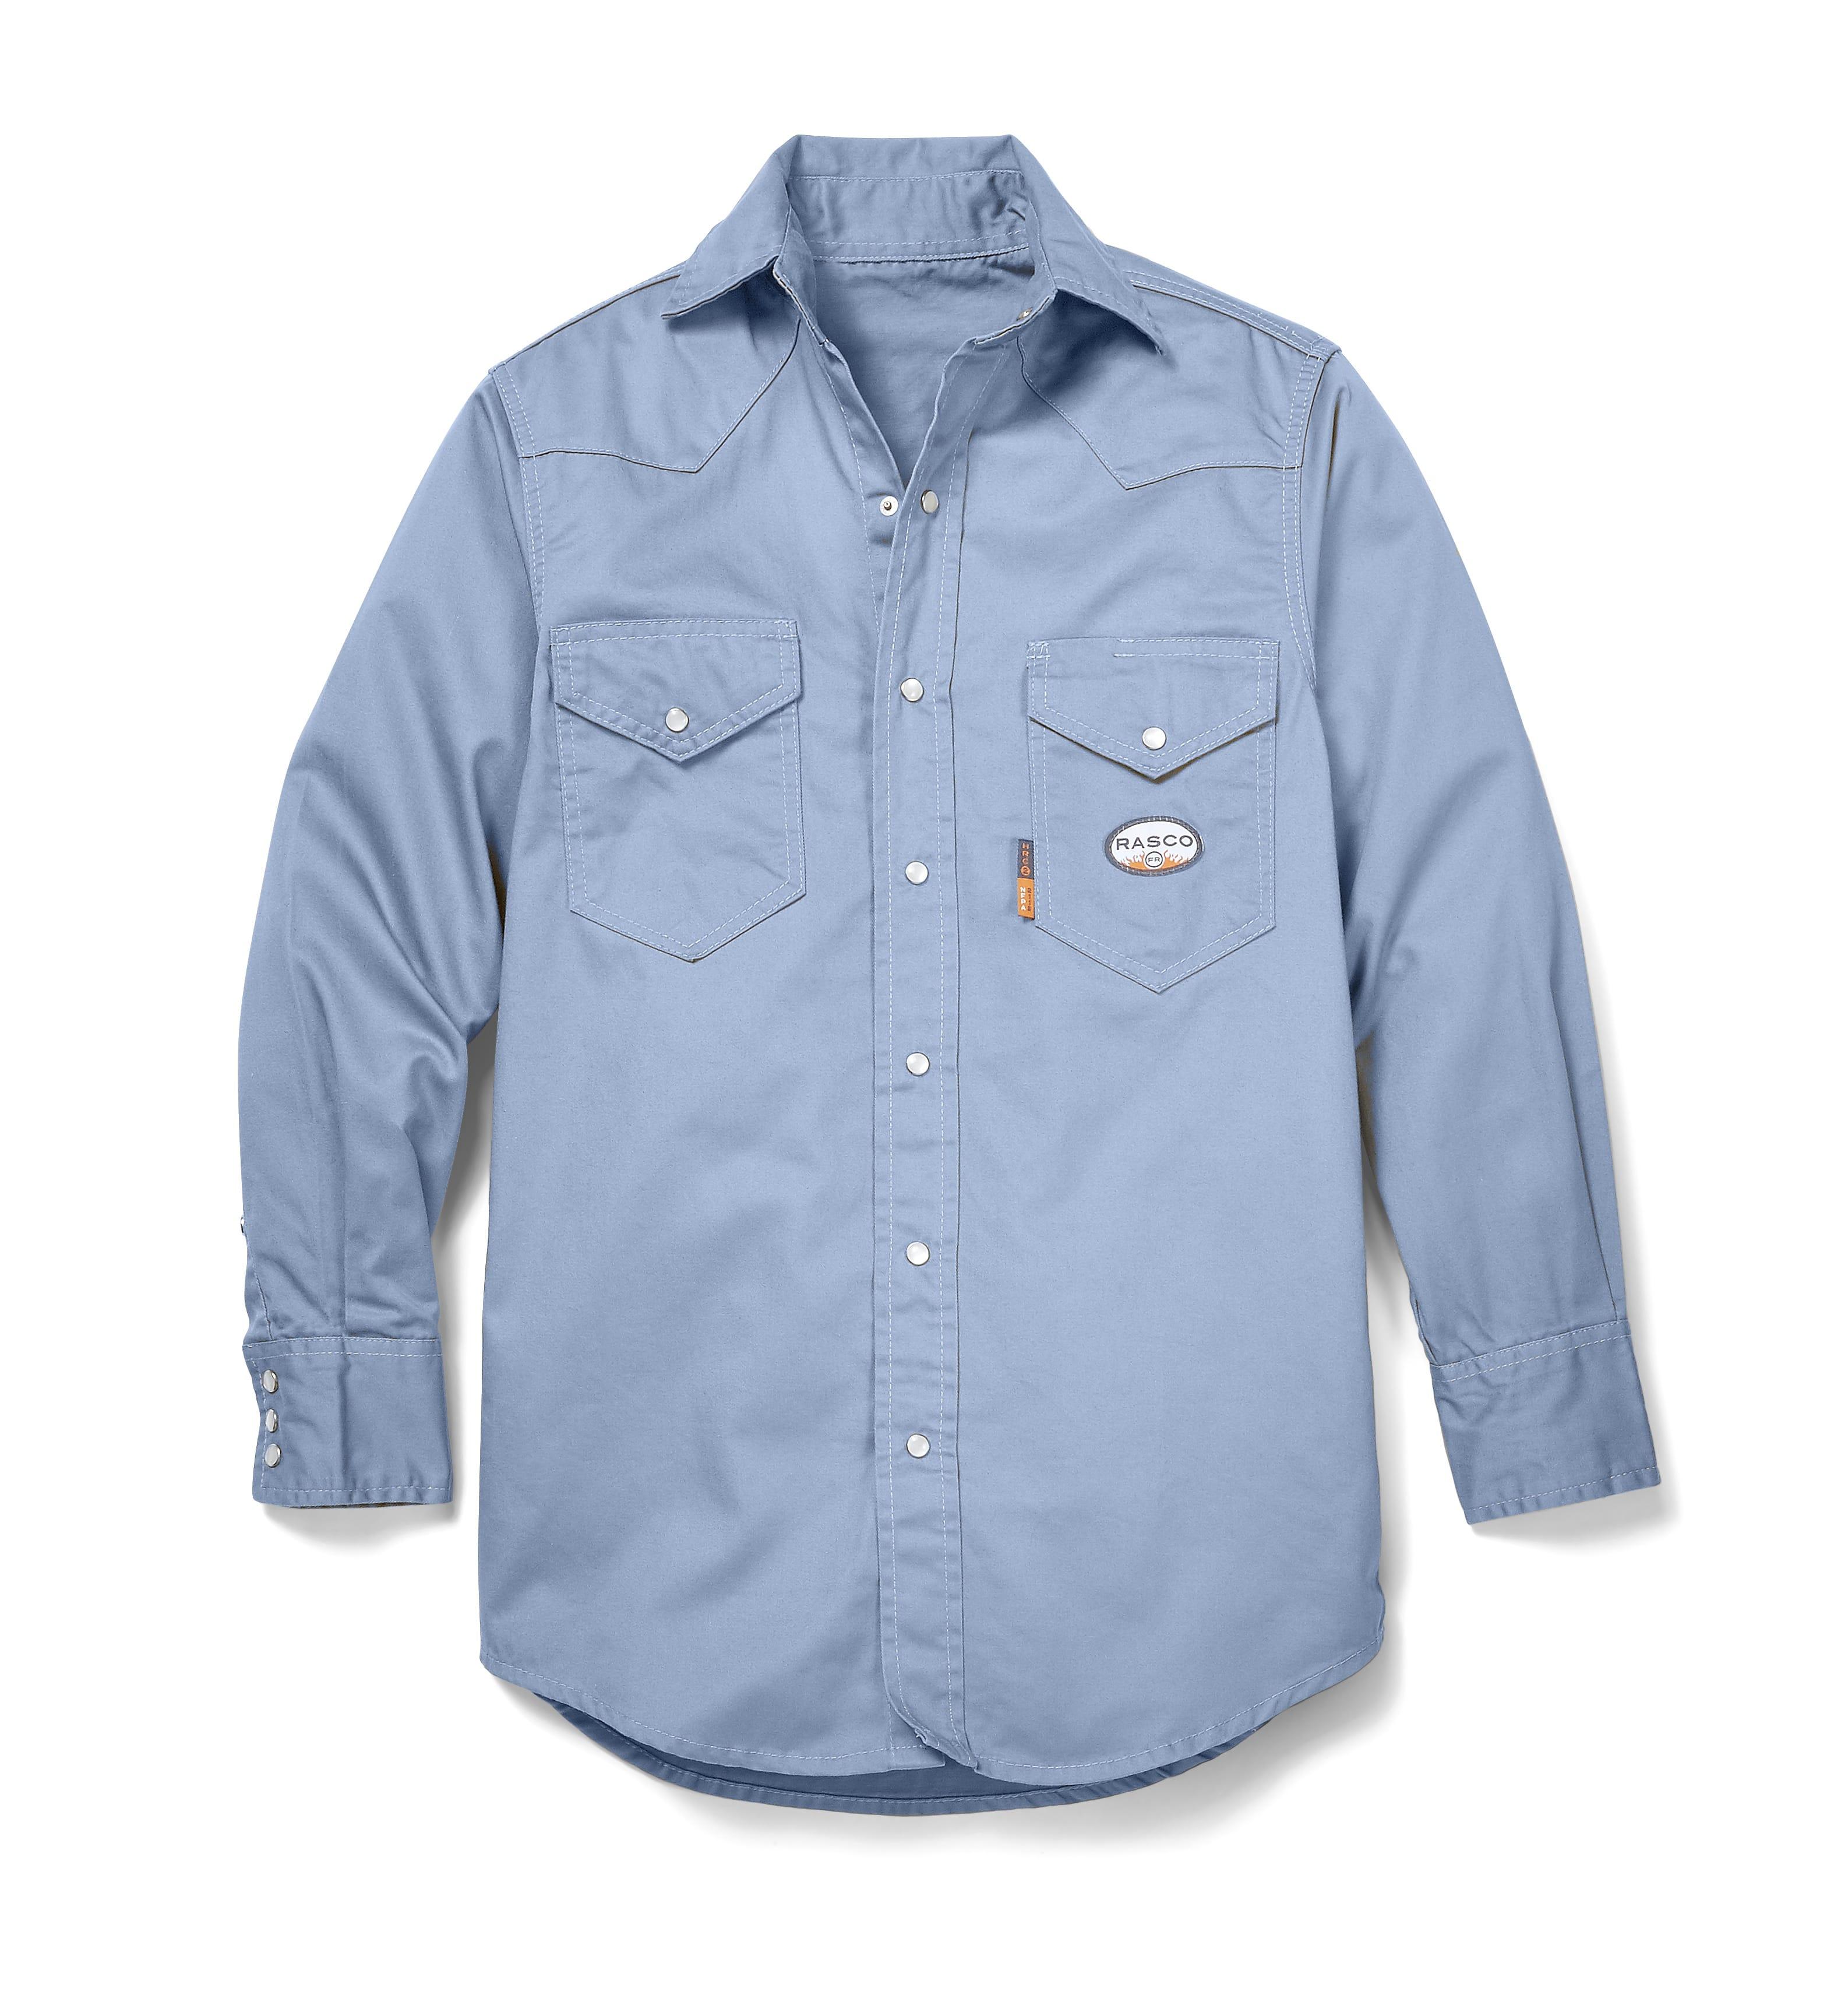 8c2b2b172fc3 Men s Lightweight Rasco FR Work Shirt